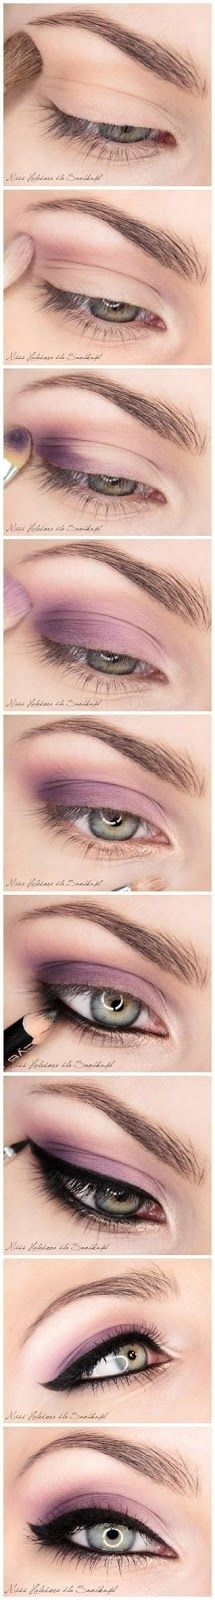 Purple eyeshadow black eyeliner makeup